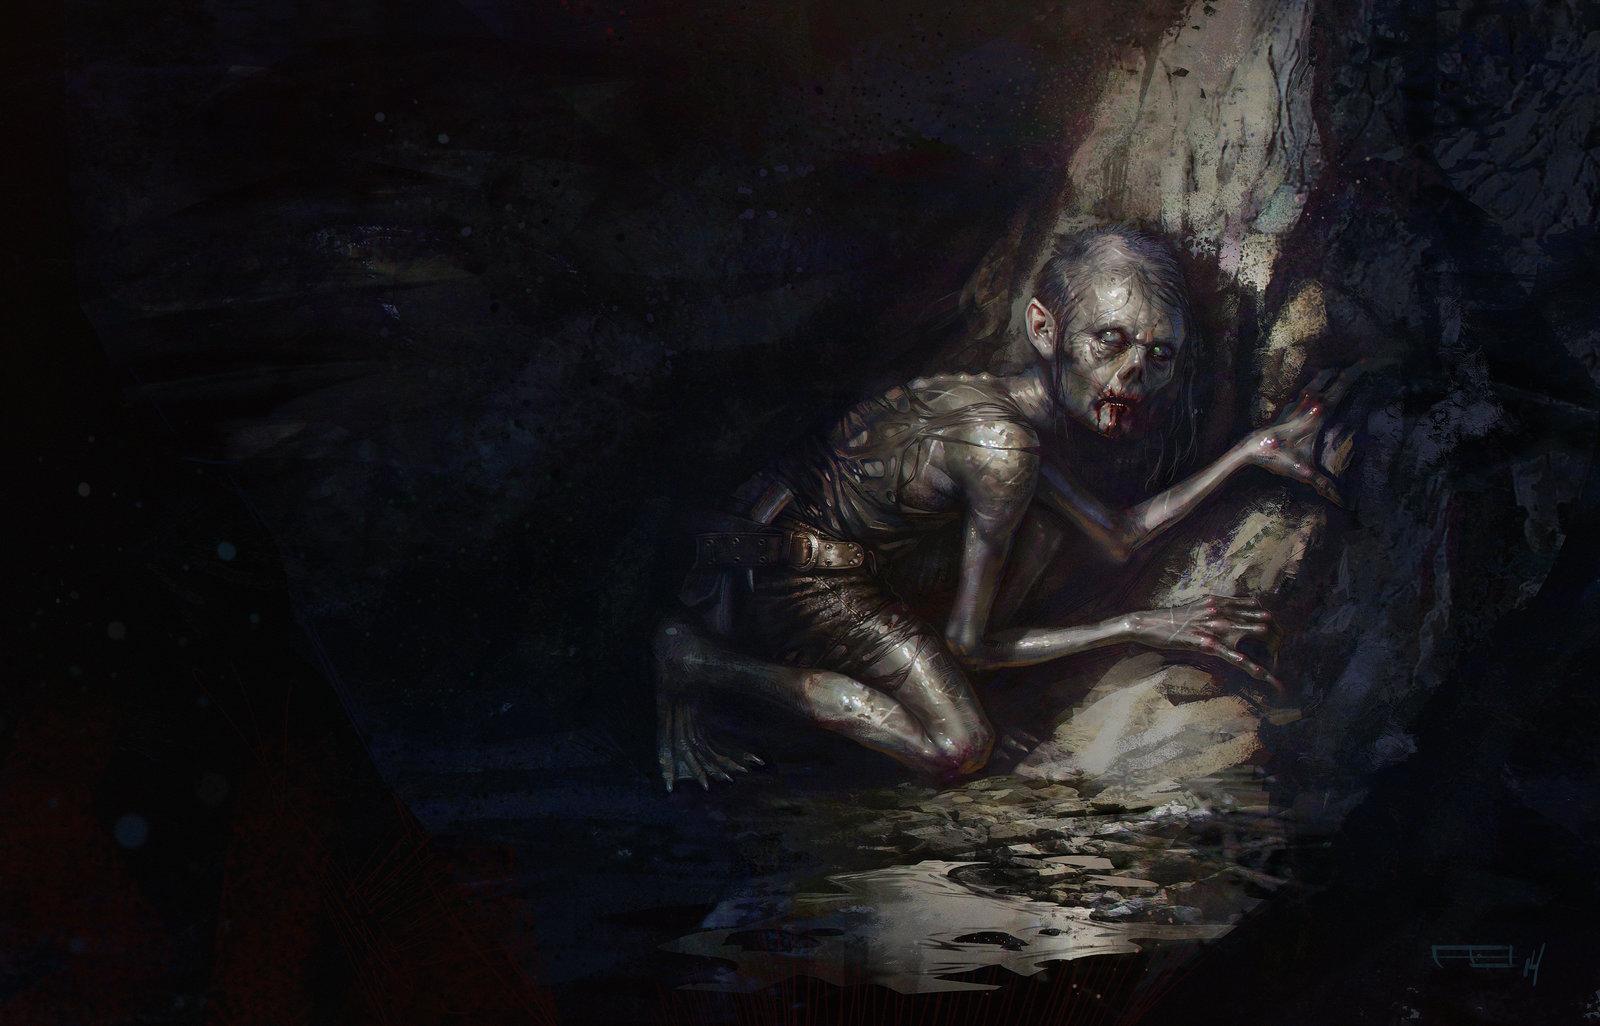 Hra The Lord of the Rings Gollum se na současné konzole skutečně nepodívá